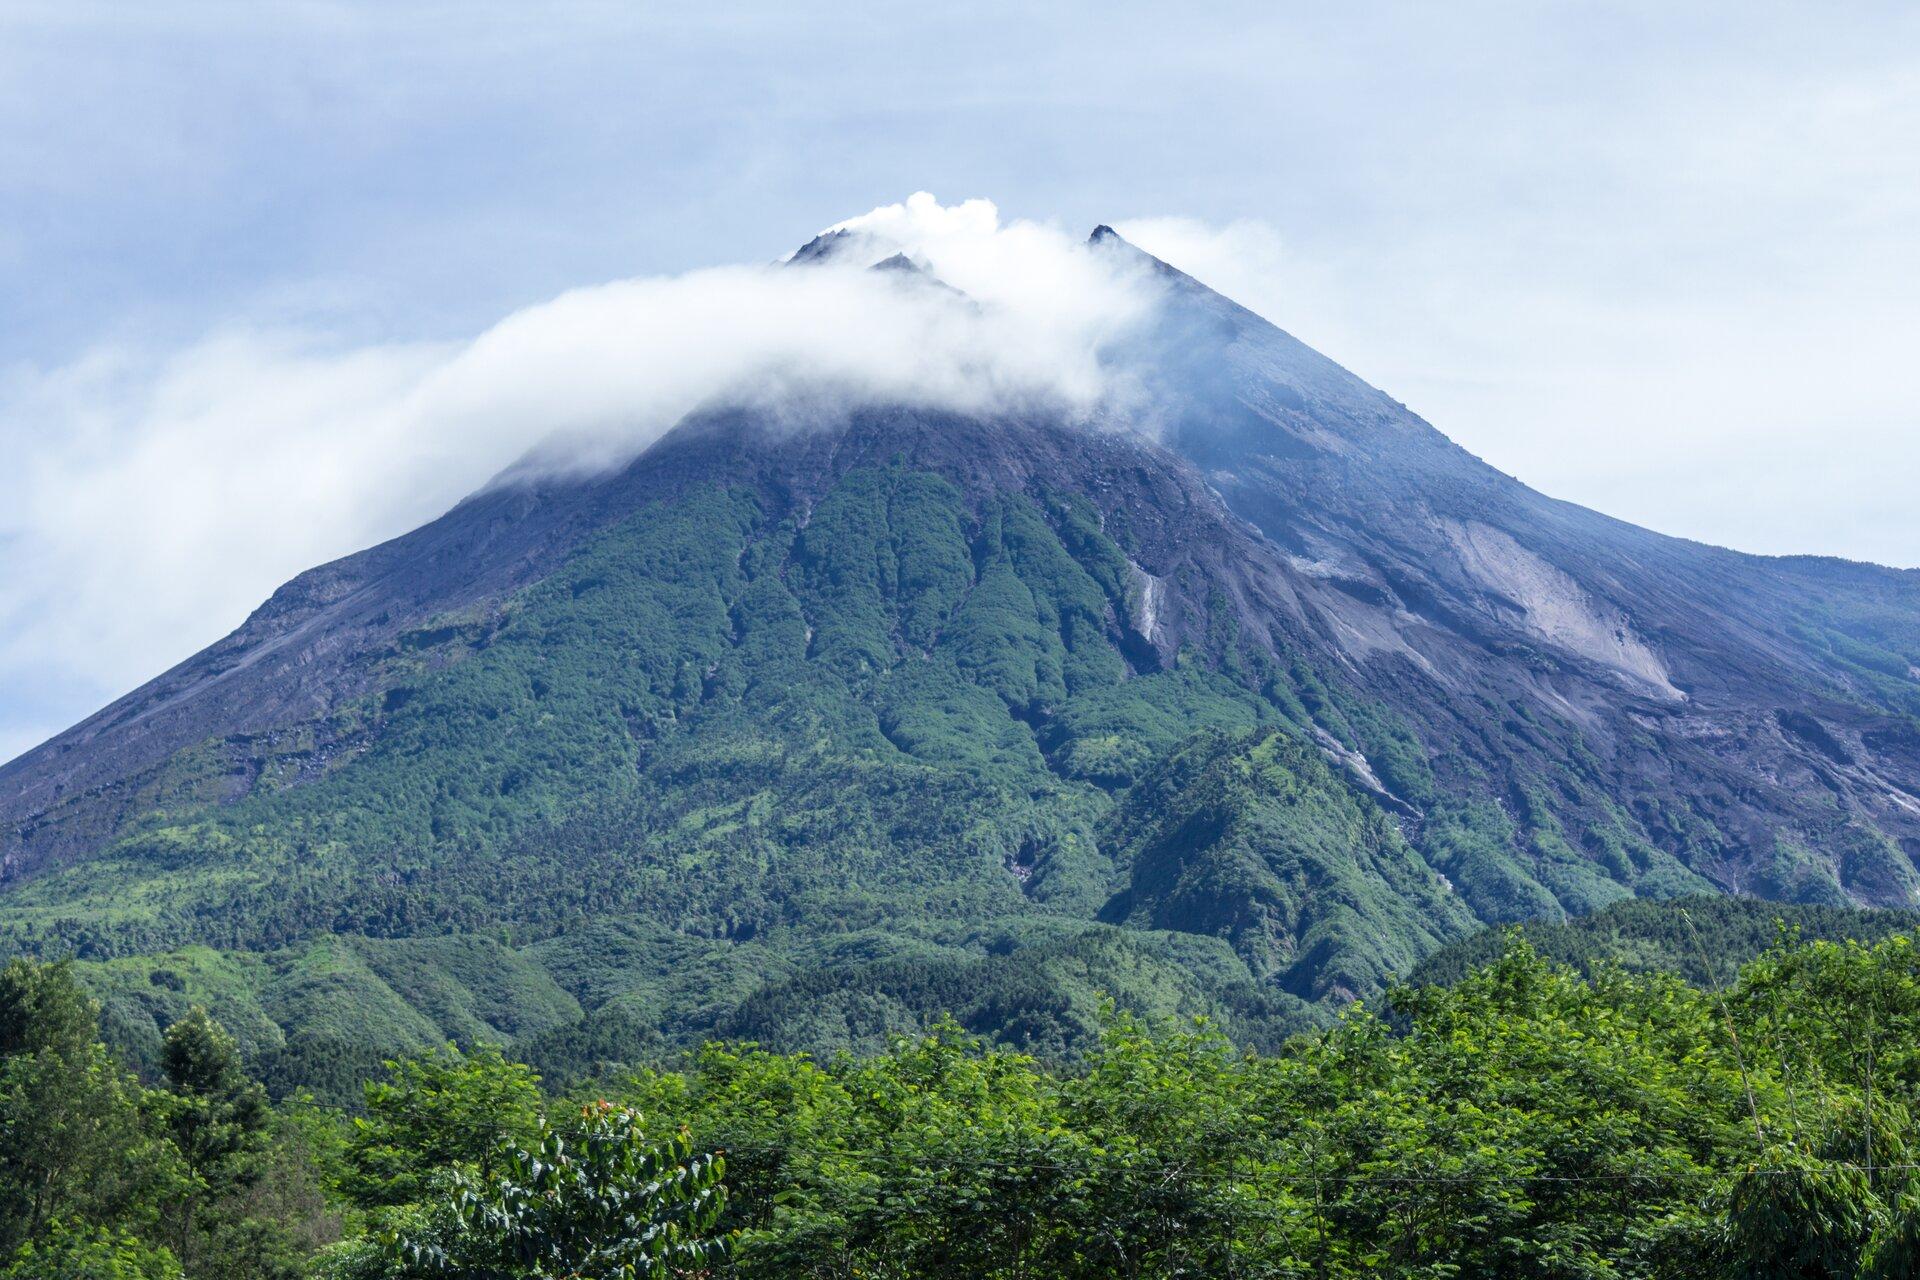 Zdjęcie pojedynczego wierzchołka góry porośniętego bujną roślinnością. Góra wkształcie stożka. Na pierwszym planie ustóp góry las liściasty. Na szczycie góry biały dym wydobywa się zwnętrza góry. Wtle błękitne niebo.